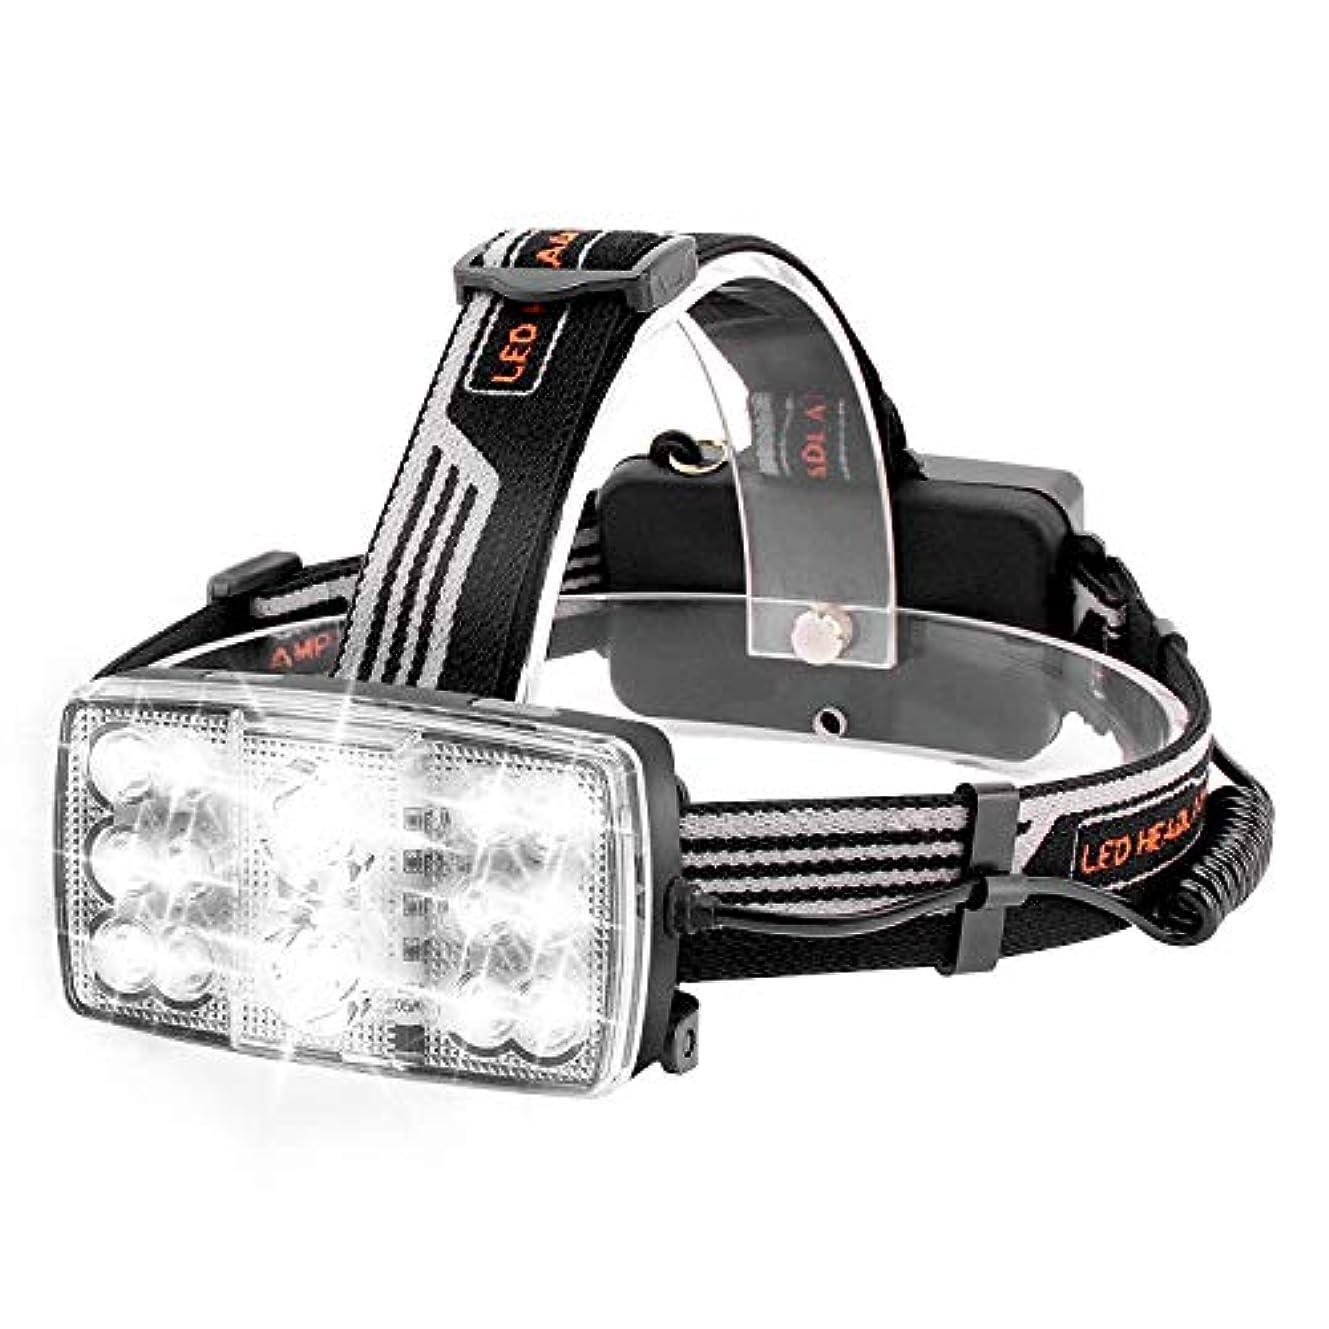 幻想塩品種USB充電式ヘッドトーチ、スーパーブライトLEDヘッドランプ、防水ライトアングルヘッドライト、サイクリング用ベストヘッドランプ、クライミング、キャンプ、犬の散歩、ハイキング